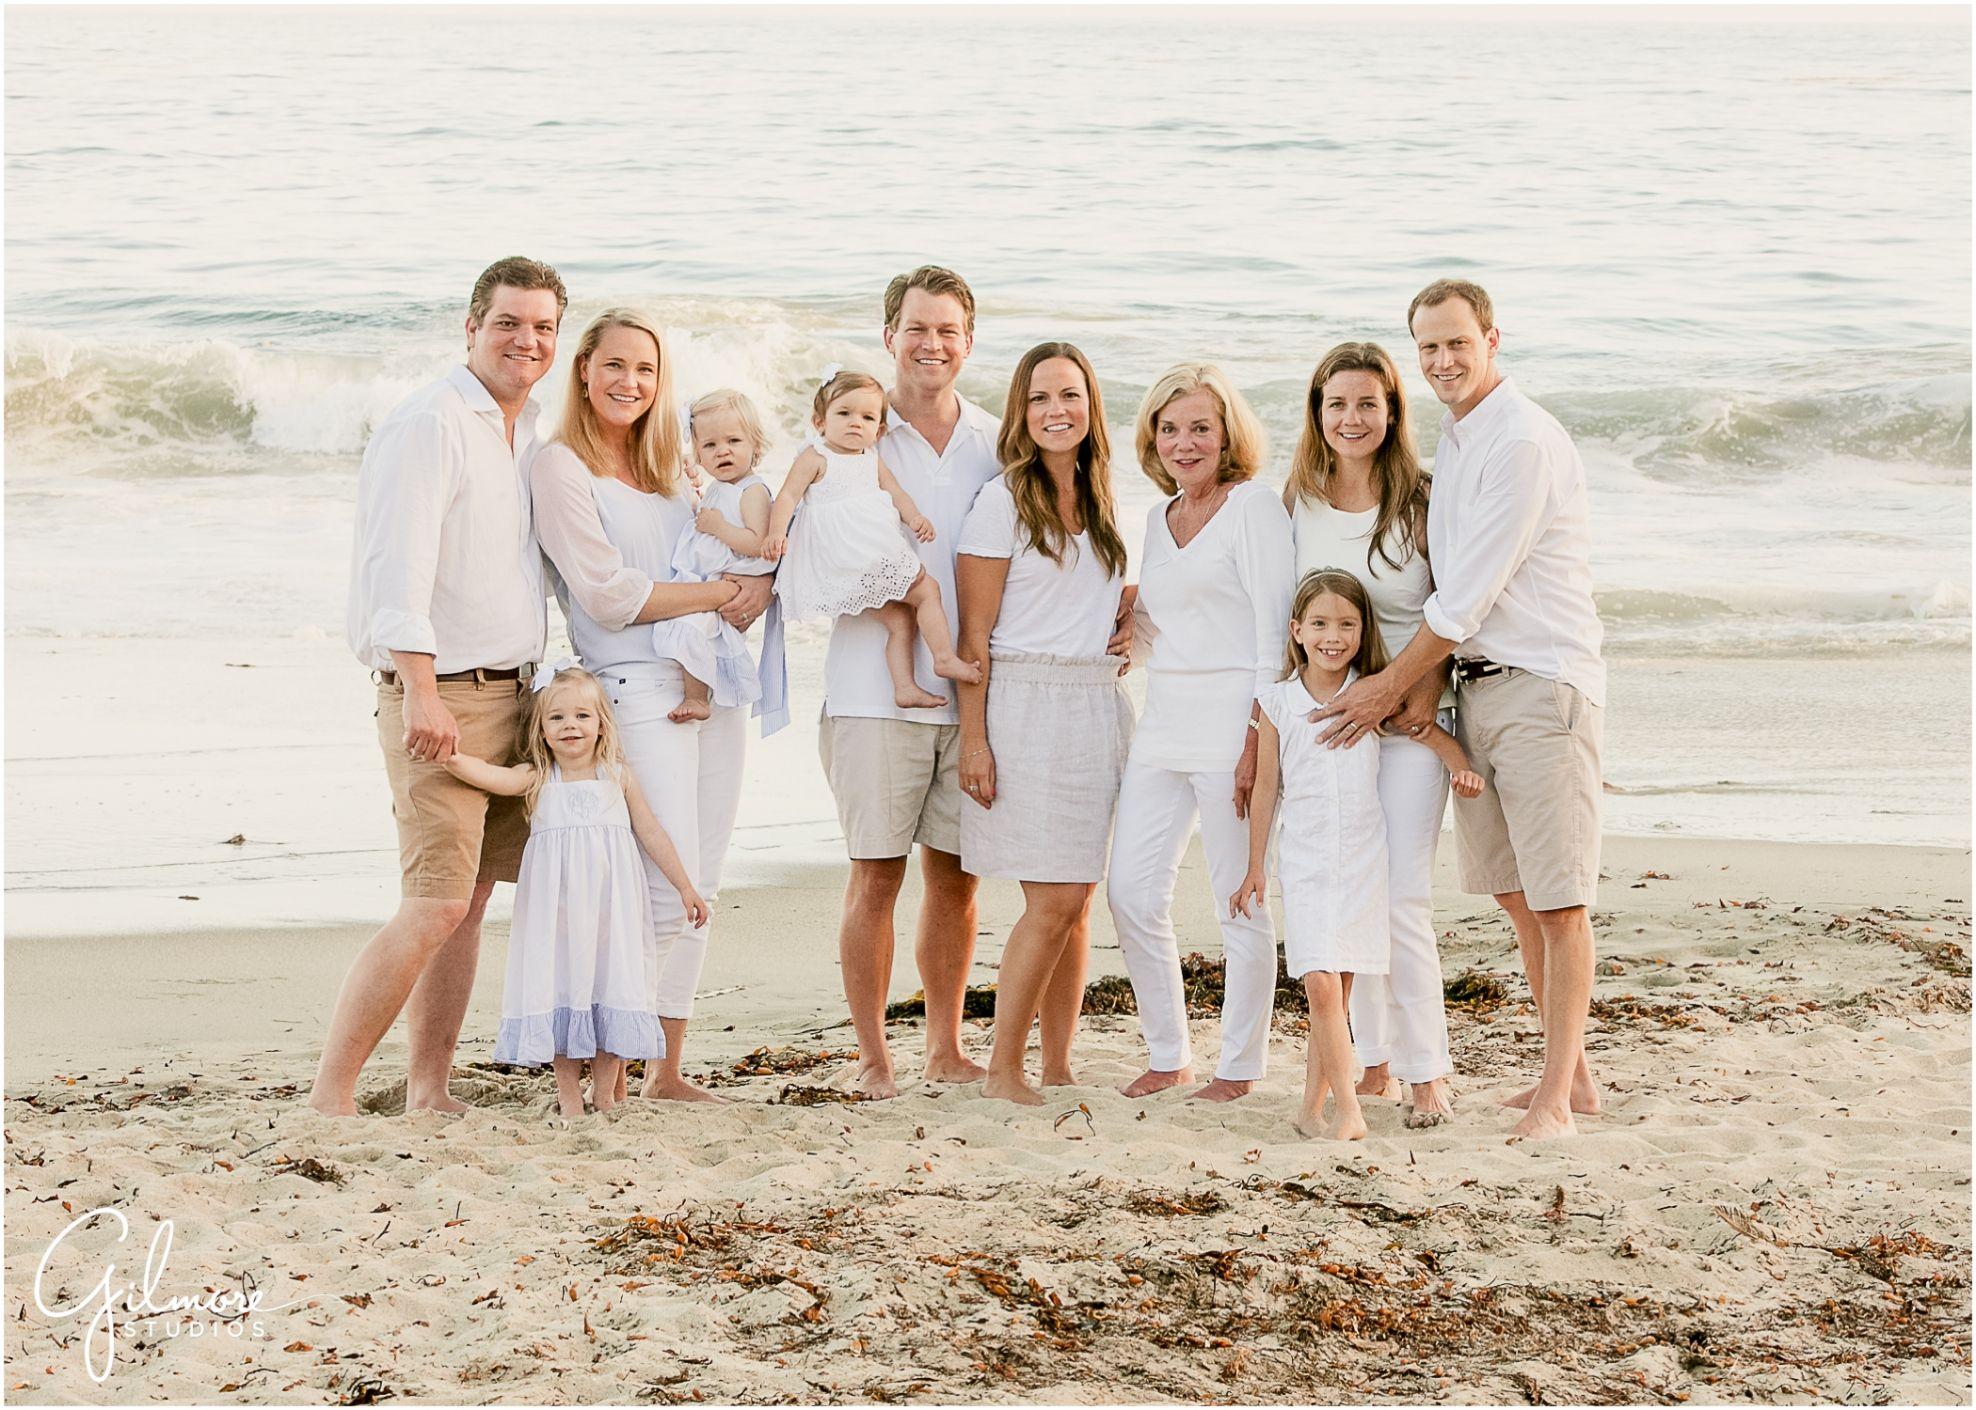 Beach Family Photos Best 25 Beach Family Photography Ideas On Pinterest Beach